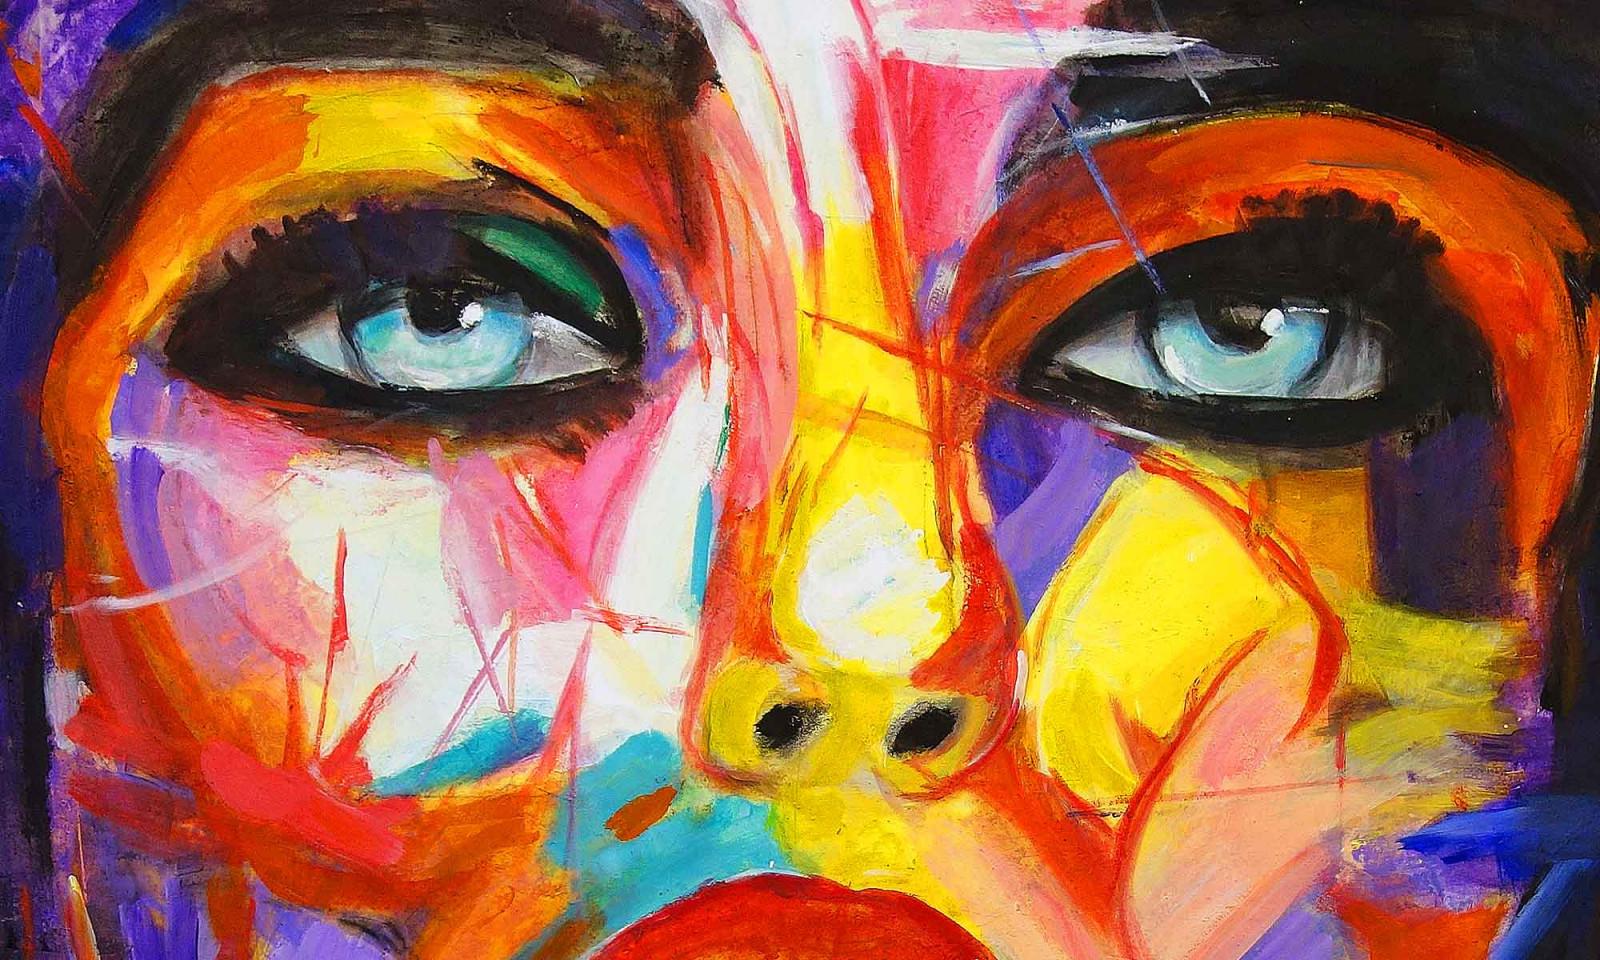 Wohnen Mit Kunst Bildern Echter Malerei  Kunst Für von Bilder Moderne Kunst Wohnzimmer Bild